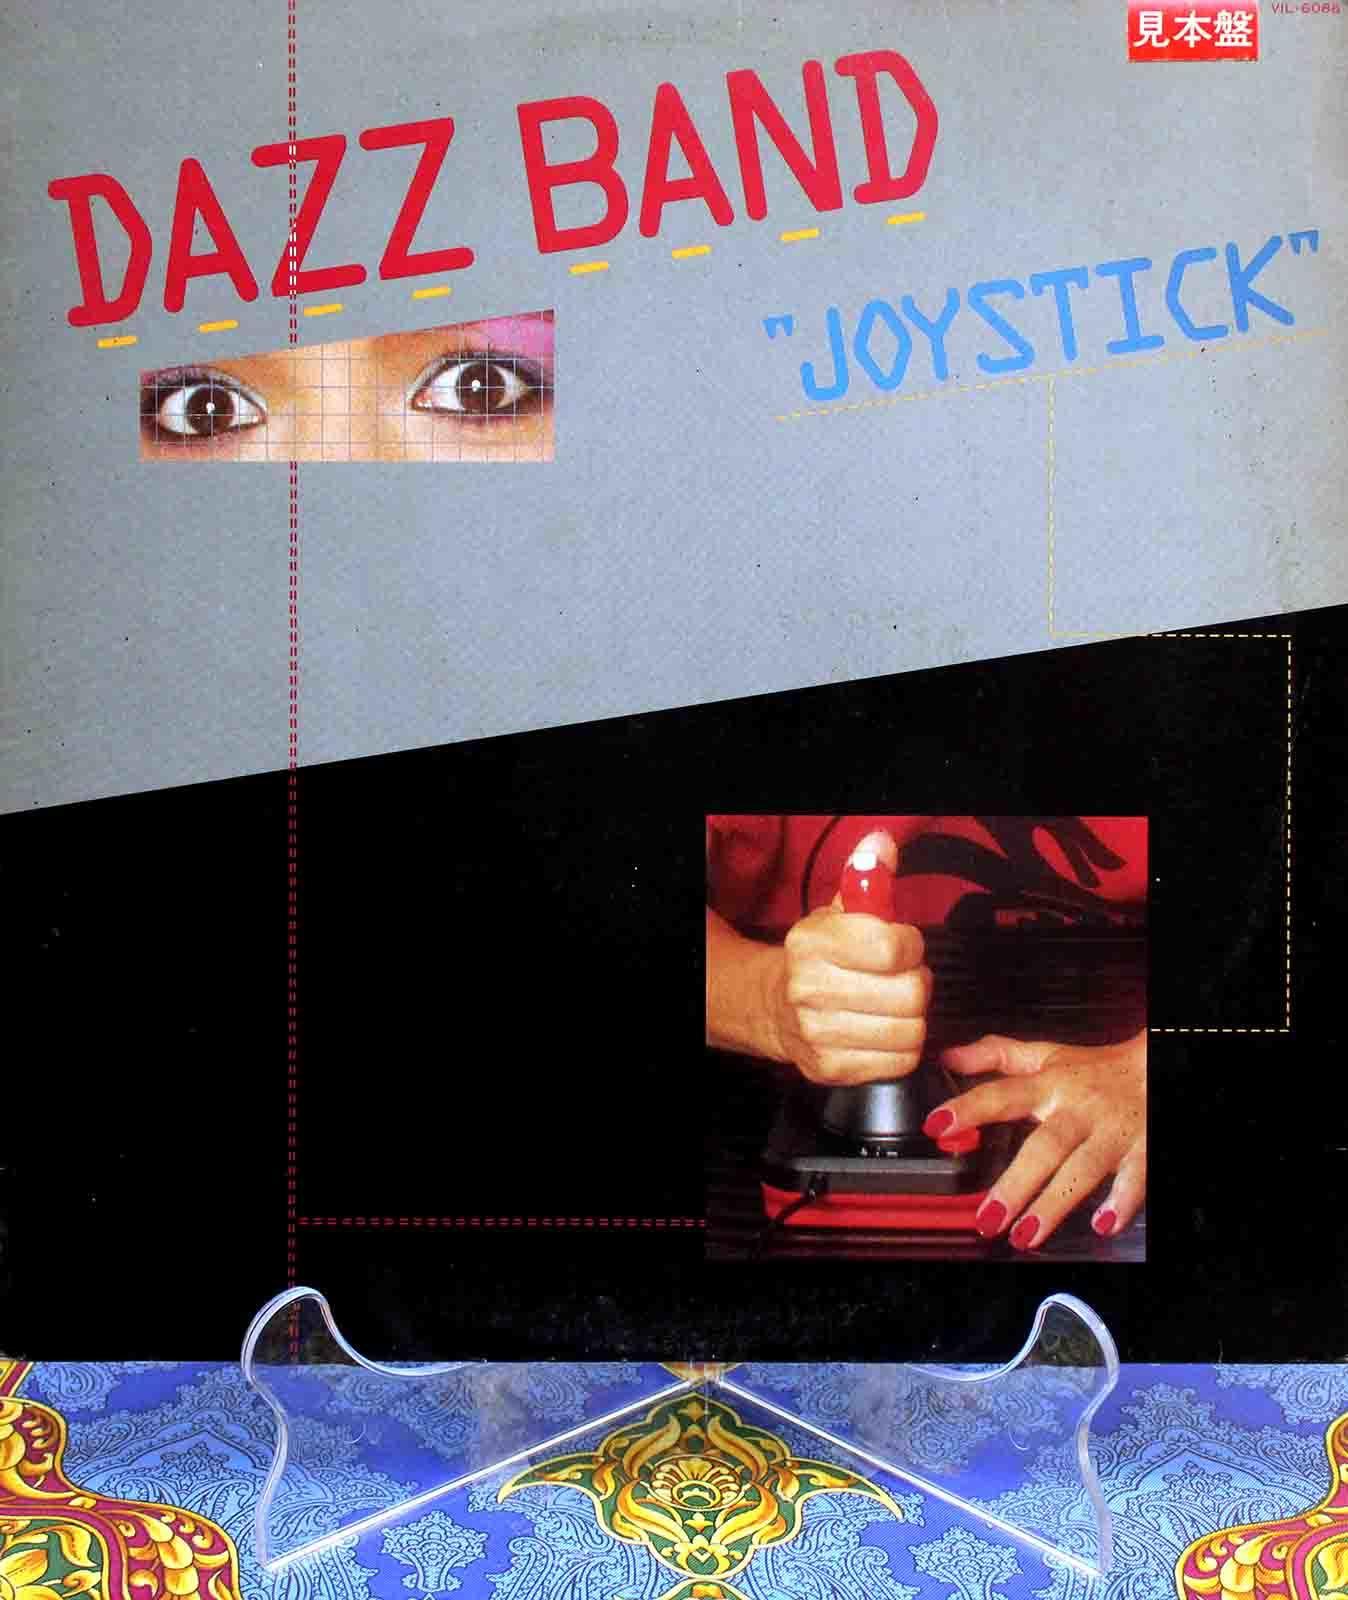 Dazz Band – Joystick LP 01